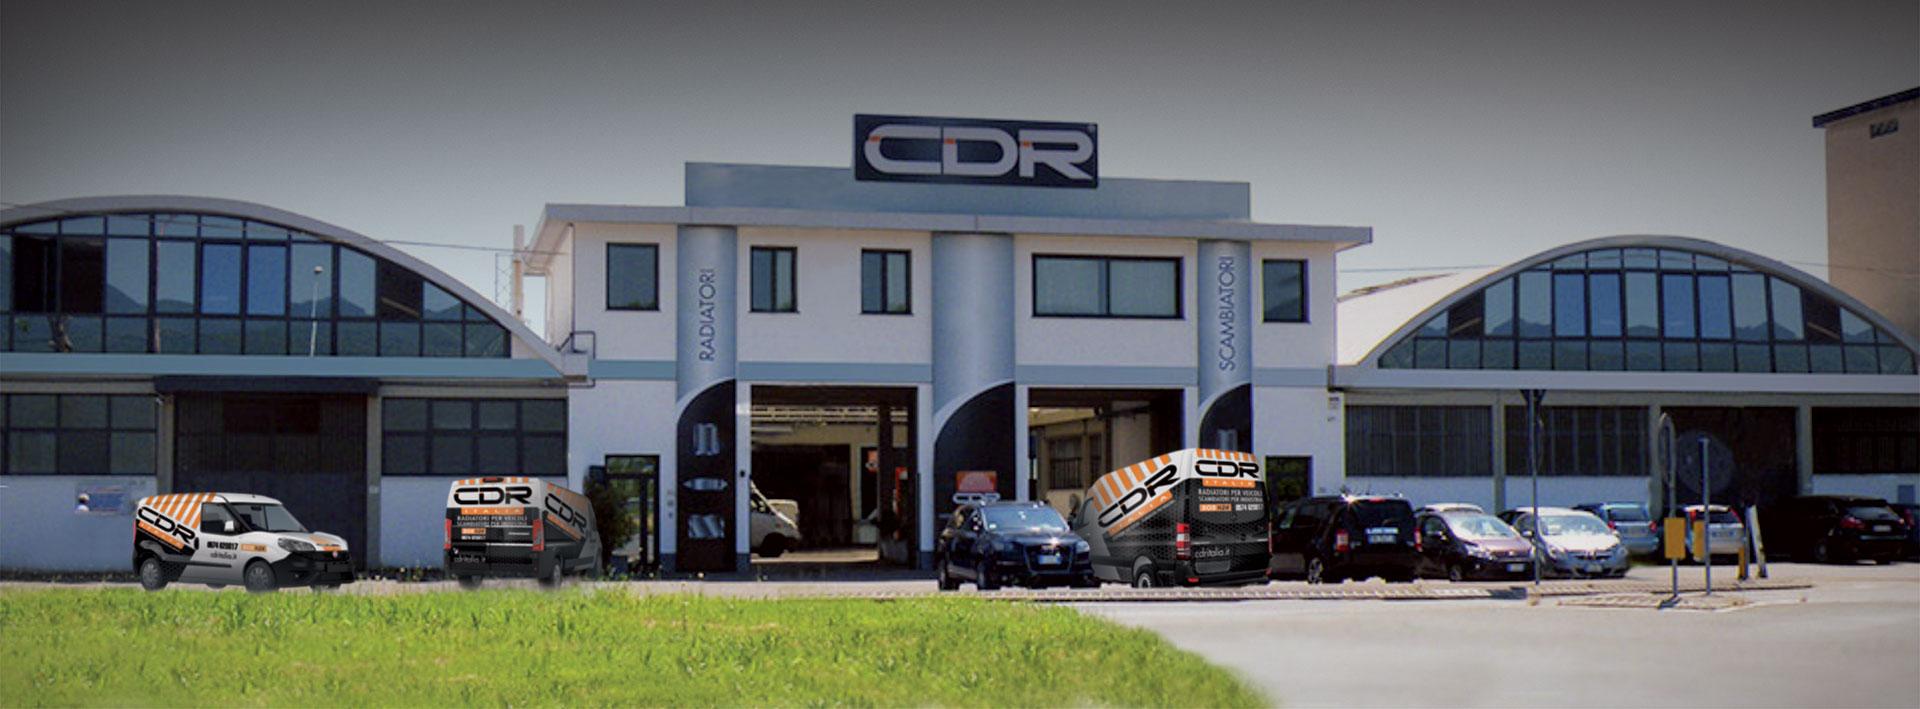 CDR Italia - Radiatori, scambiatori di calore e FAP 1